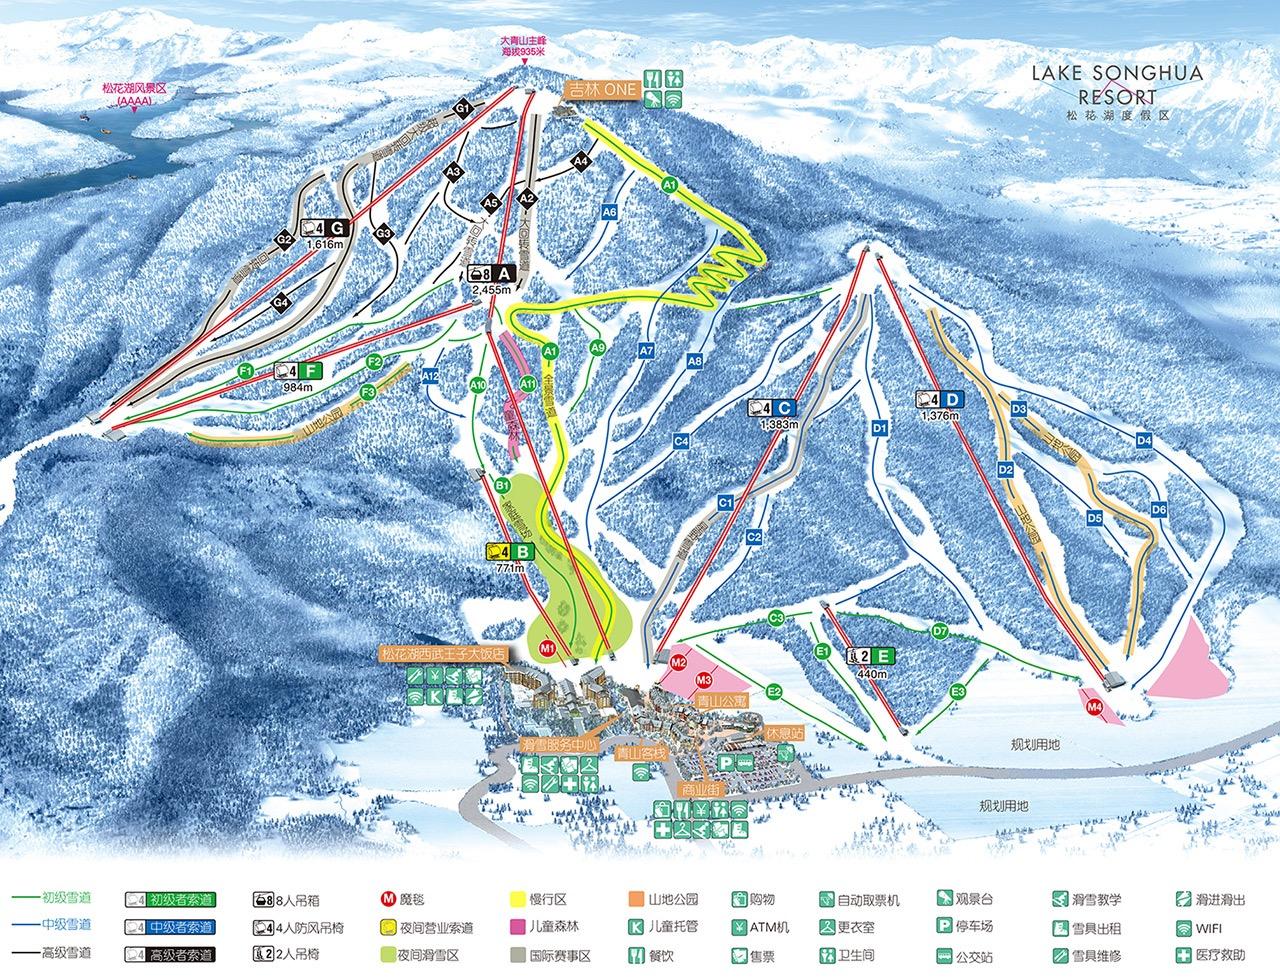 2015年1月3日,中午午休与朋友开车从单位去的万科松花湖青山滑雪场踩踩点,从吉林市区的江南北华大学附近出发,开车大概20多分钟,行程19公里远就来到了雪场,保守的讲,这可能是全国离市区最近的完整设施的雪场,整体规划非常漂亮,基础设施基本完成,青山小镇非常漂亮,恍如来到了欧洲滑雪小镇,步行几分钟就能进入雪场,现在只开了初级索道,1月16日正式开业,到时高山索道才能开,溜达了一会儿,心情格外好。1月9日电话得知雪场只在每周的周五、周六、周日开夜场,下班后与同事一同来到雪场滑夜场,16:00-17:30分为平